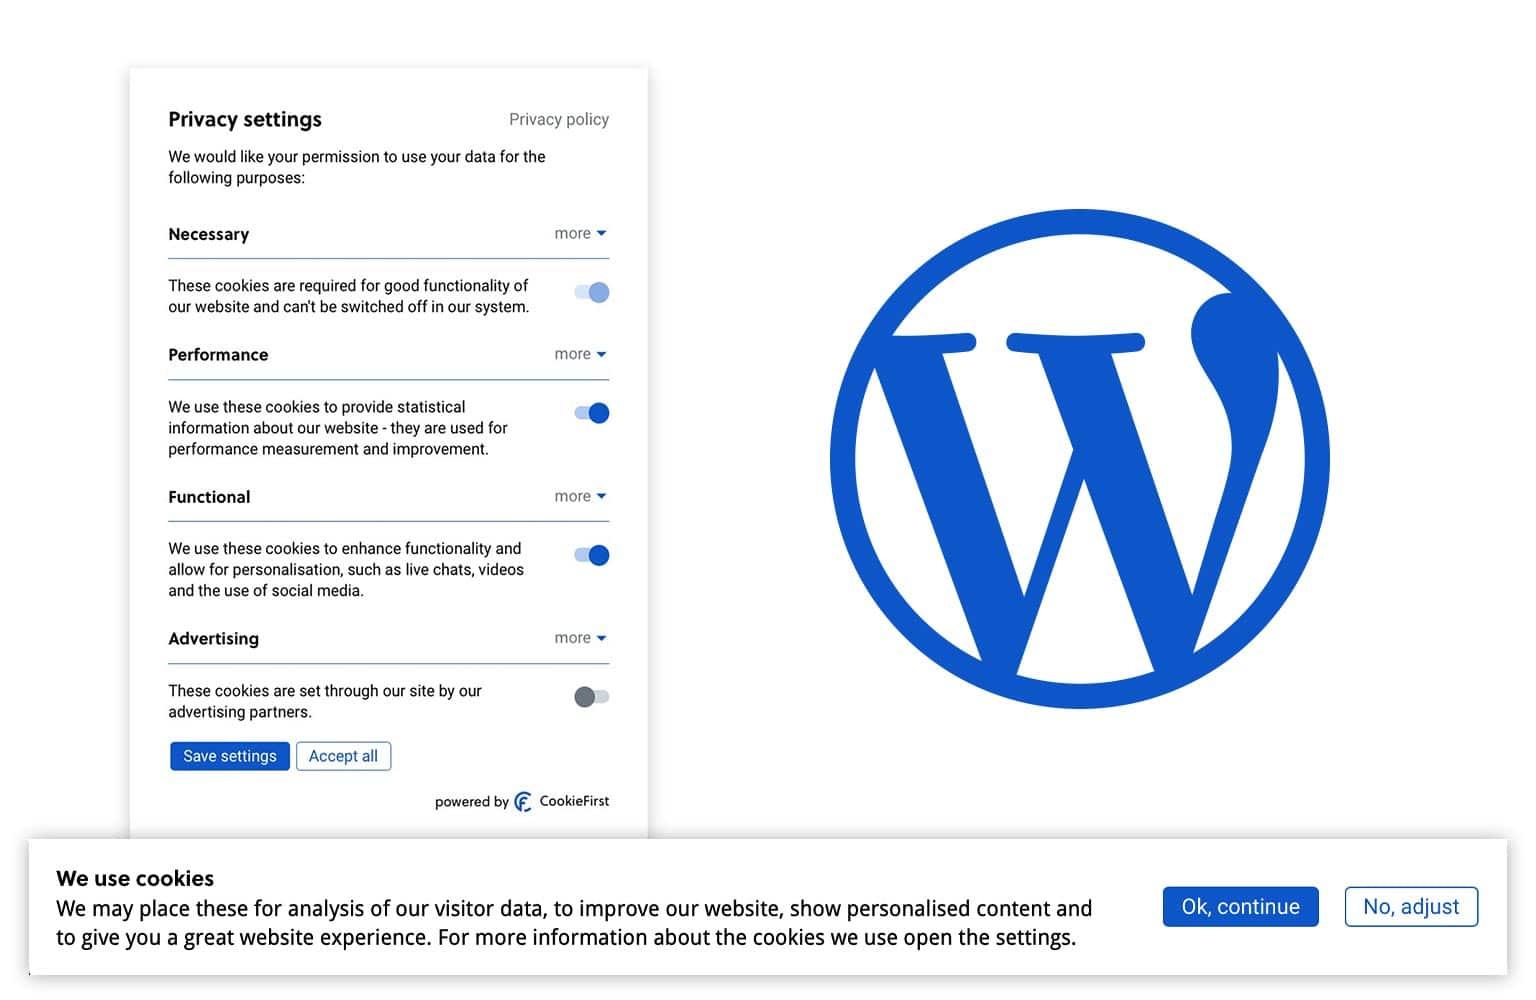 WordPress Cookie plugin   Die CMP CookieFirst bietet ein DSGVO-konformes Cookie-Plugin für WordPress